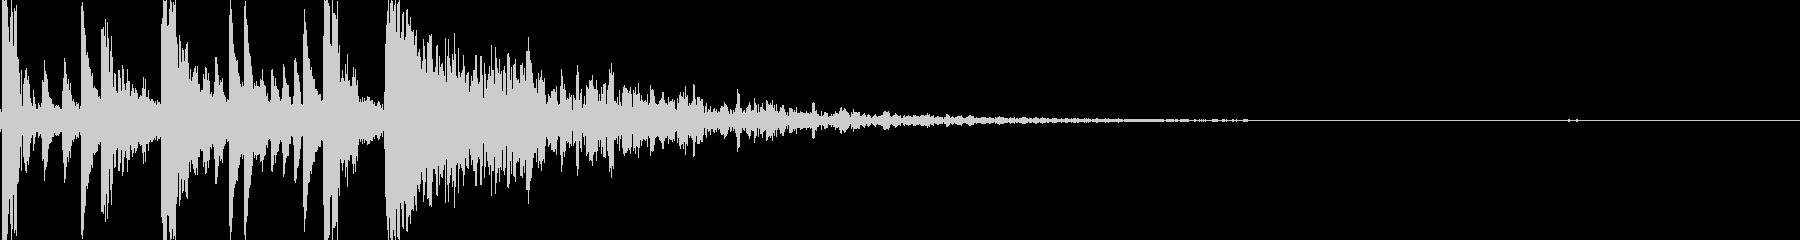 ドラムロール/ブレイク ジングルロゴ14の未再生の波形